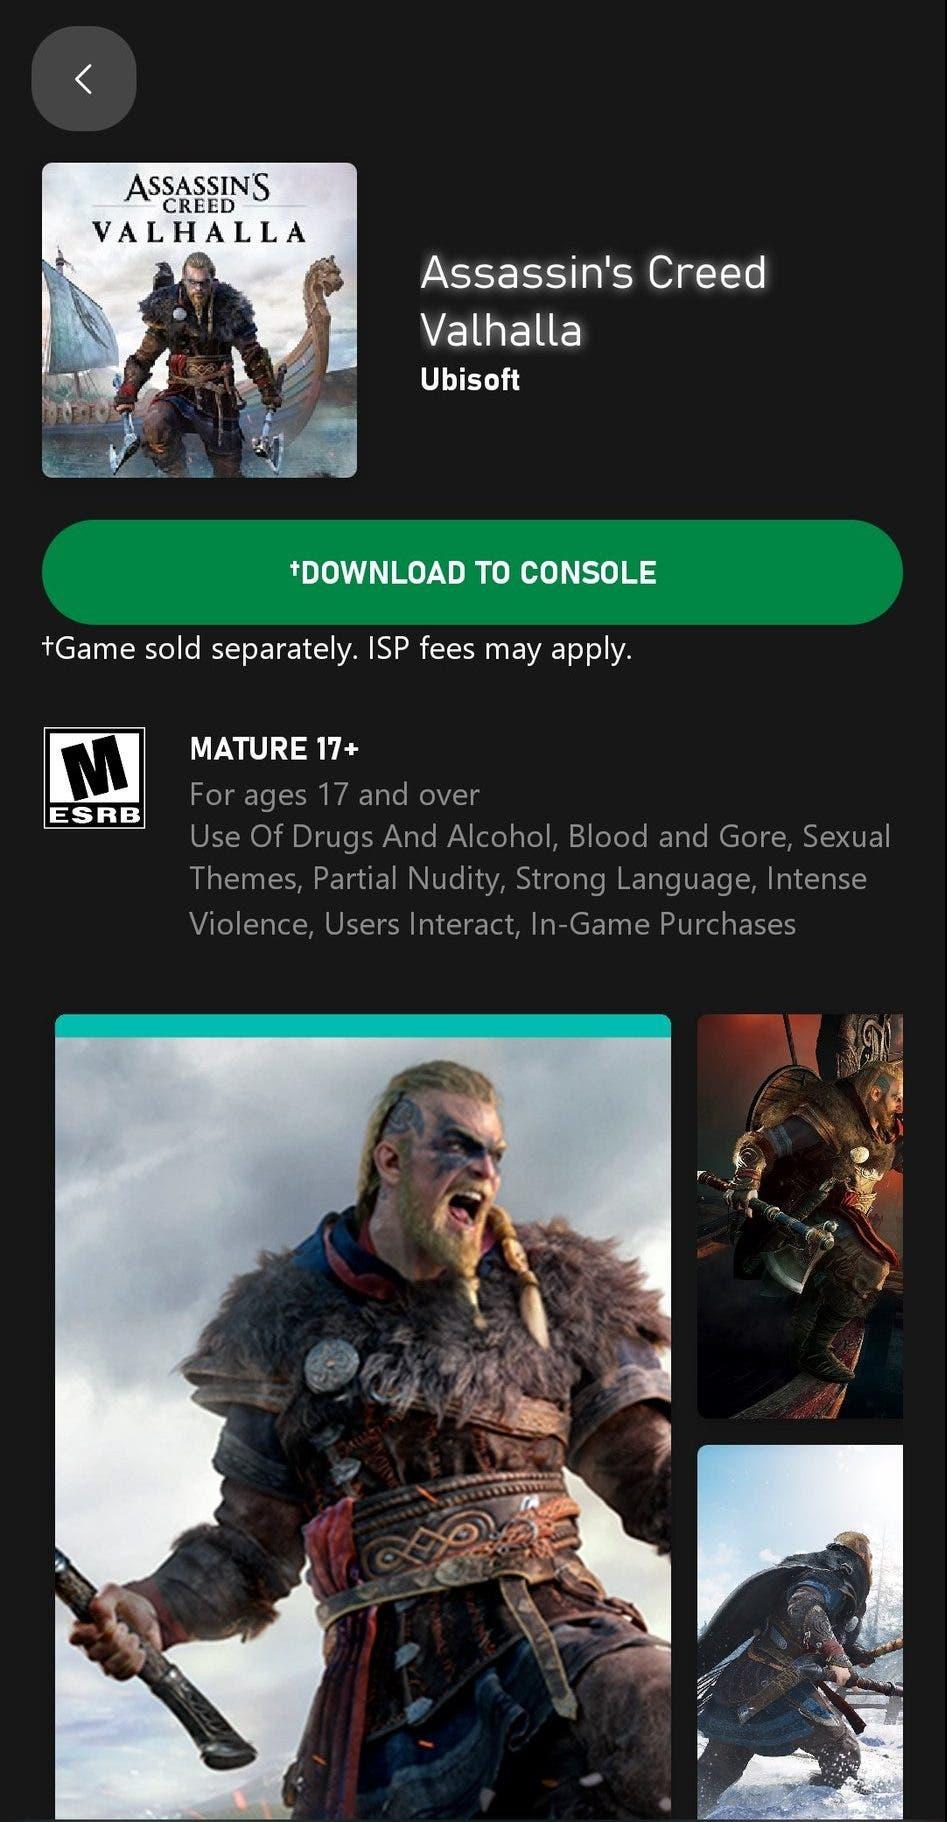 Una nueva función de Xbox permite descargar los juegos aunque no los hayas comprado